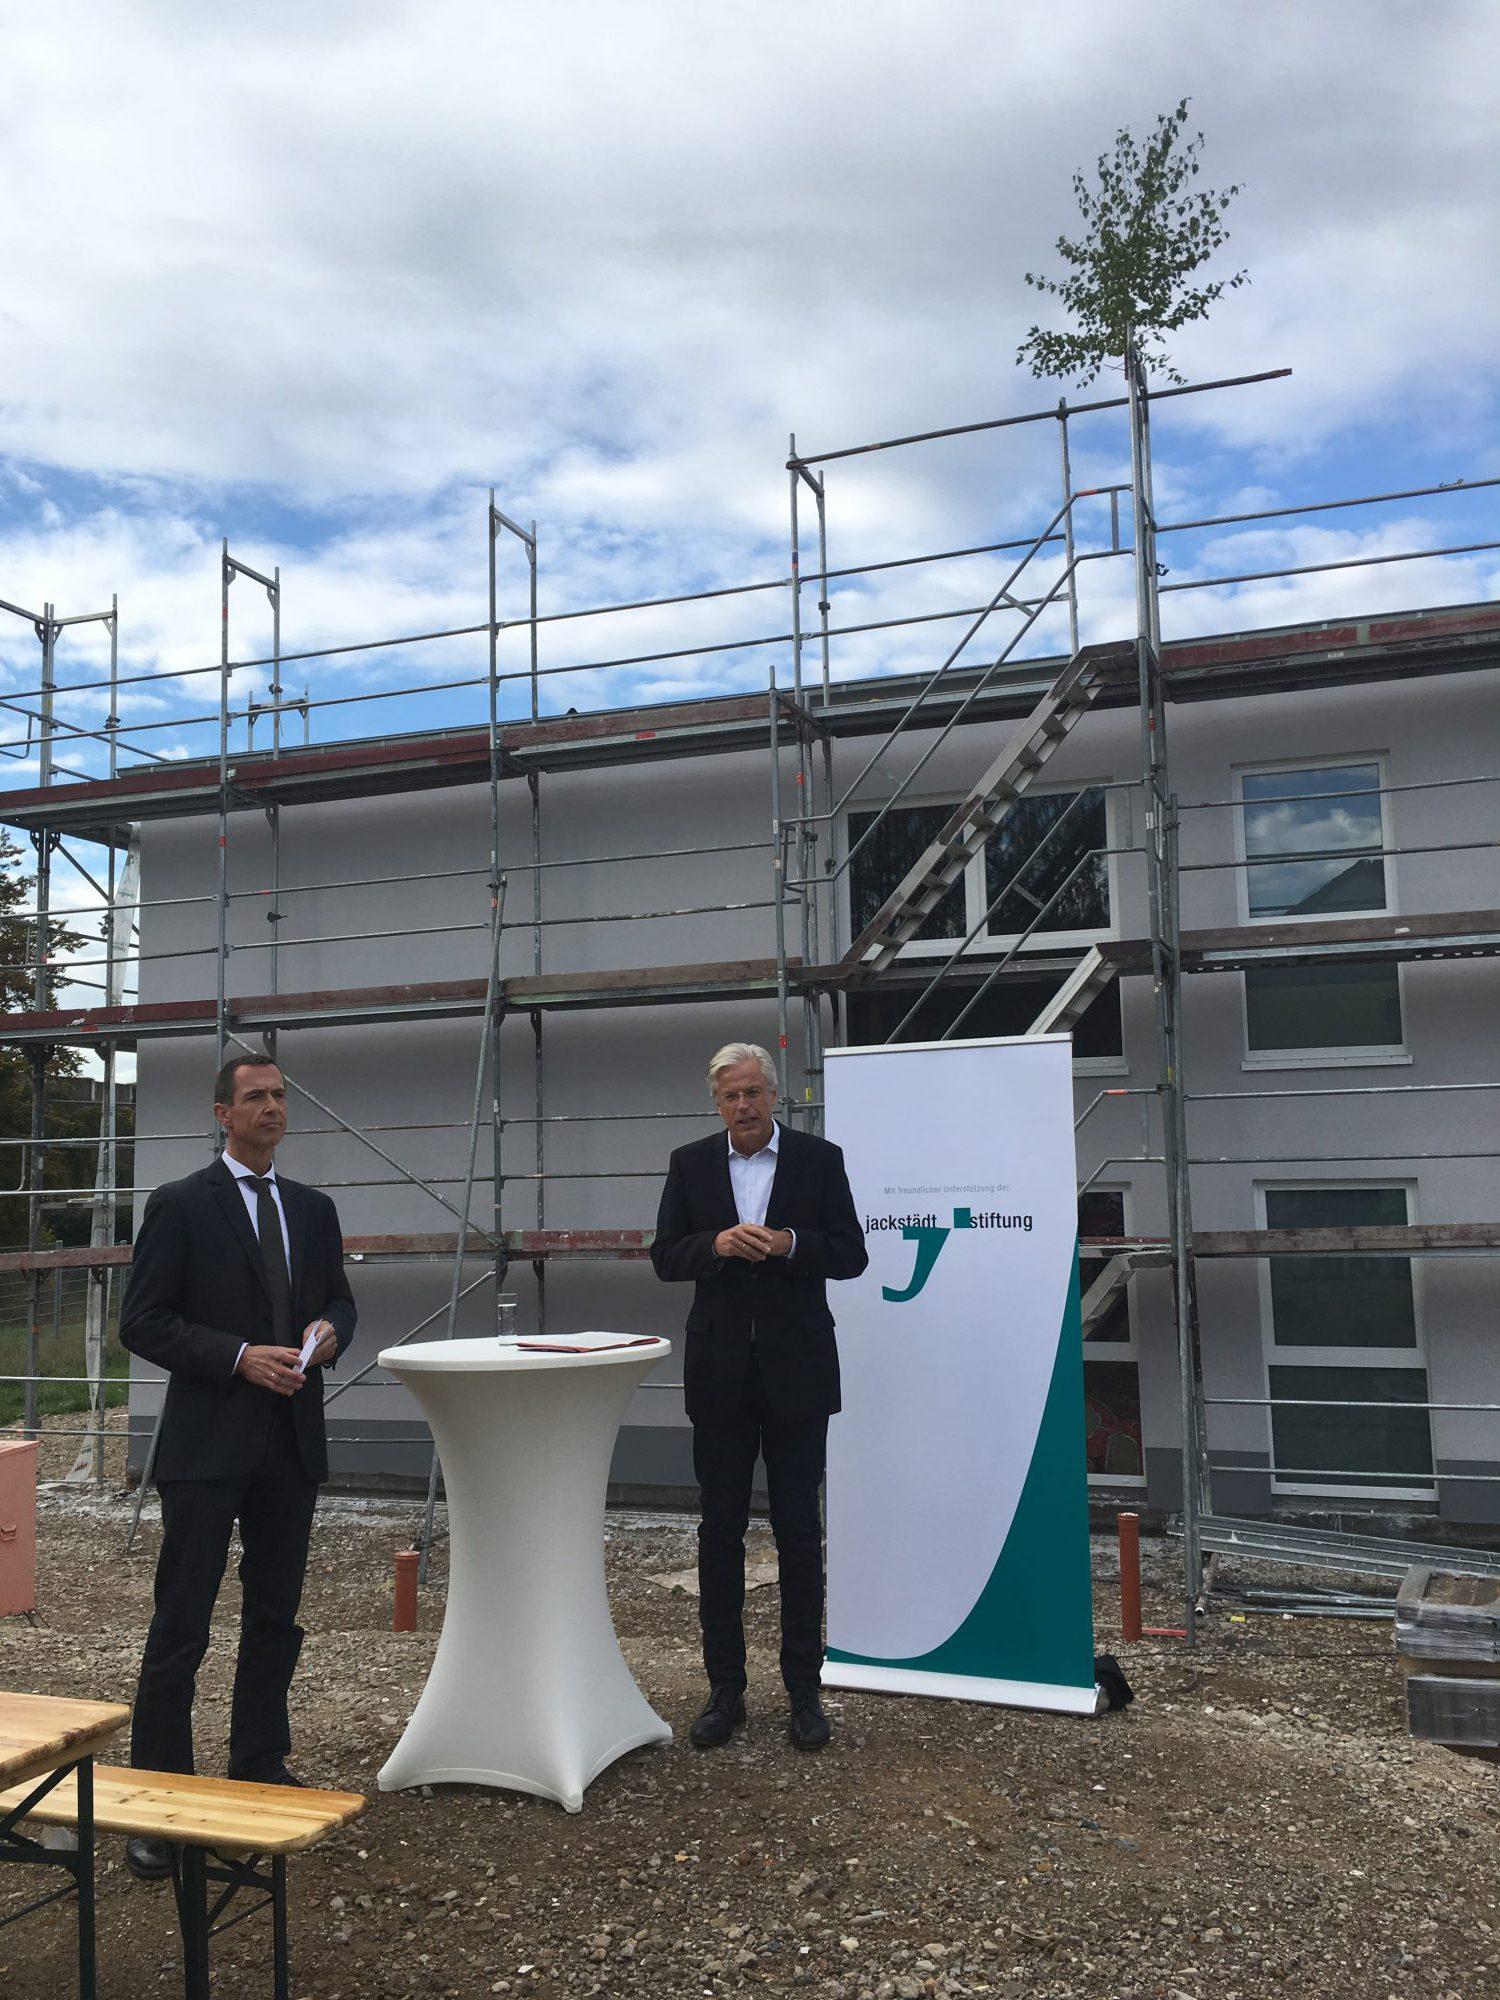 Die Jackstädt-Stiftung investiert in die Zukunft - Richtfest für eine neue Kita in Kerpen